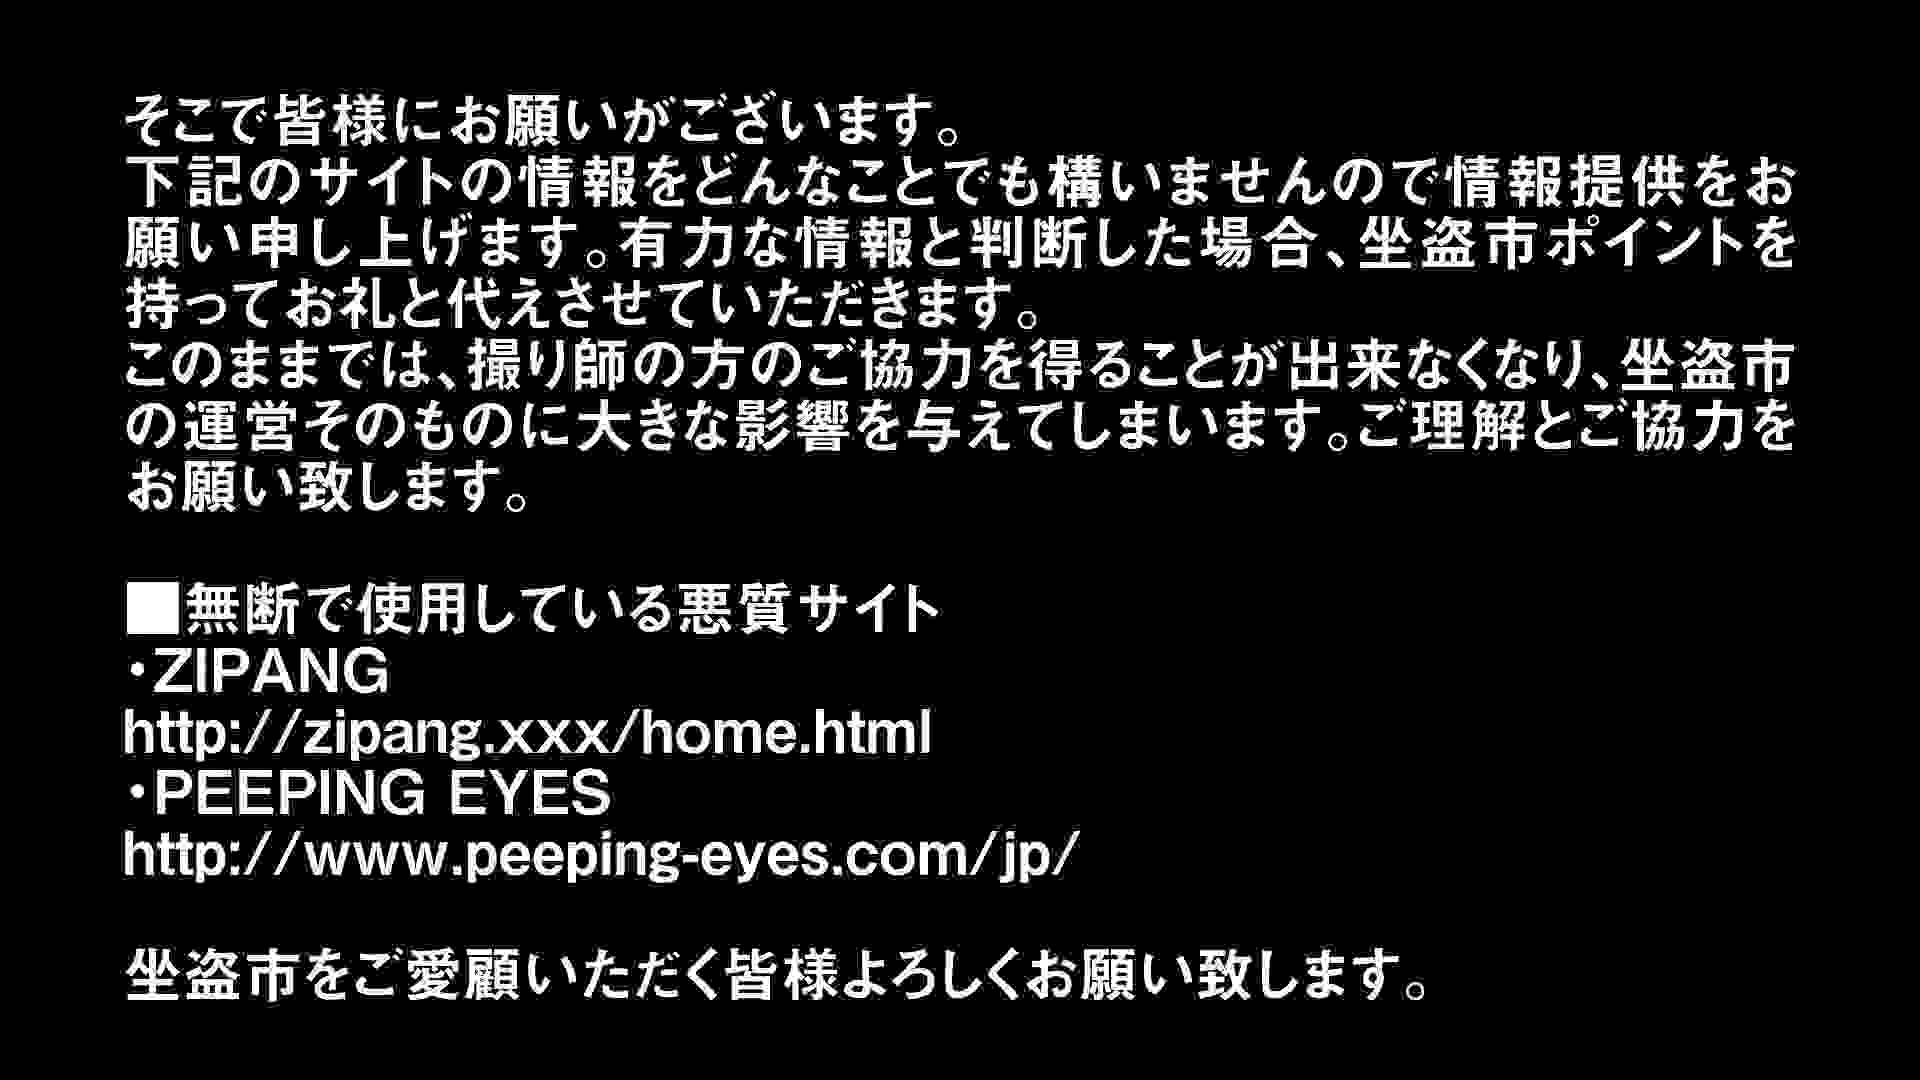 Aquaな露天風呂Vol.297 女体盗撮  91連発 30